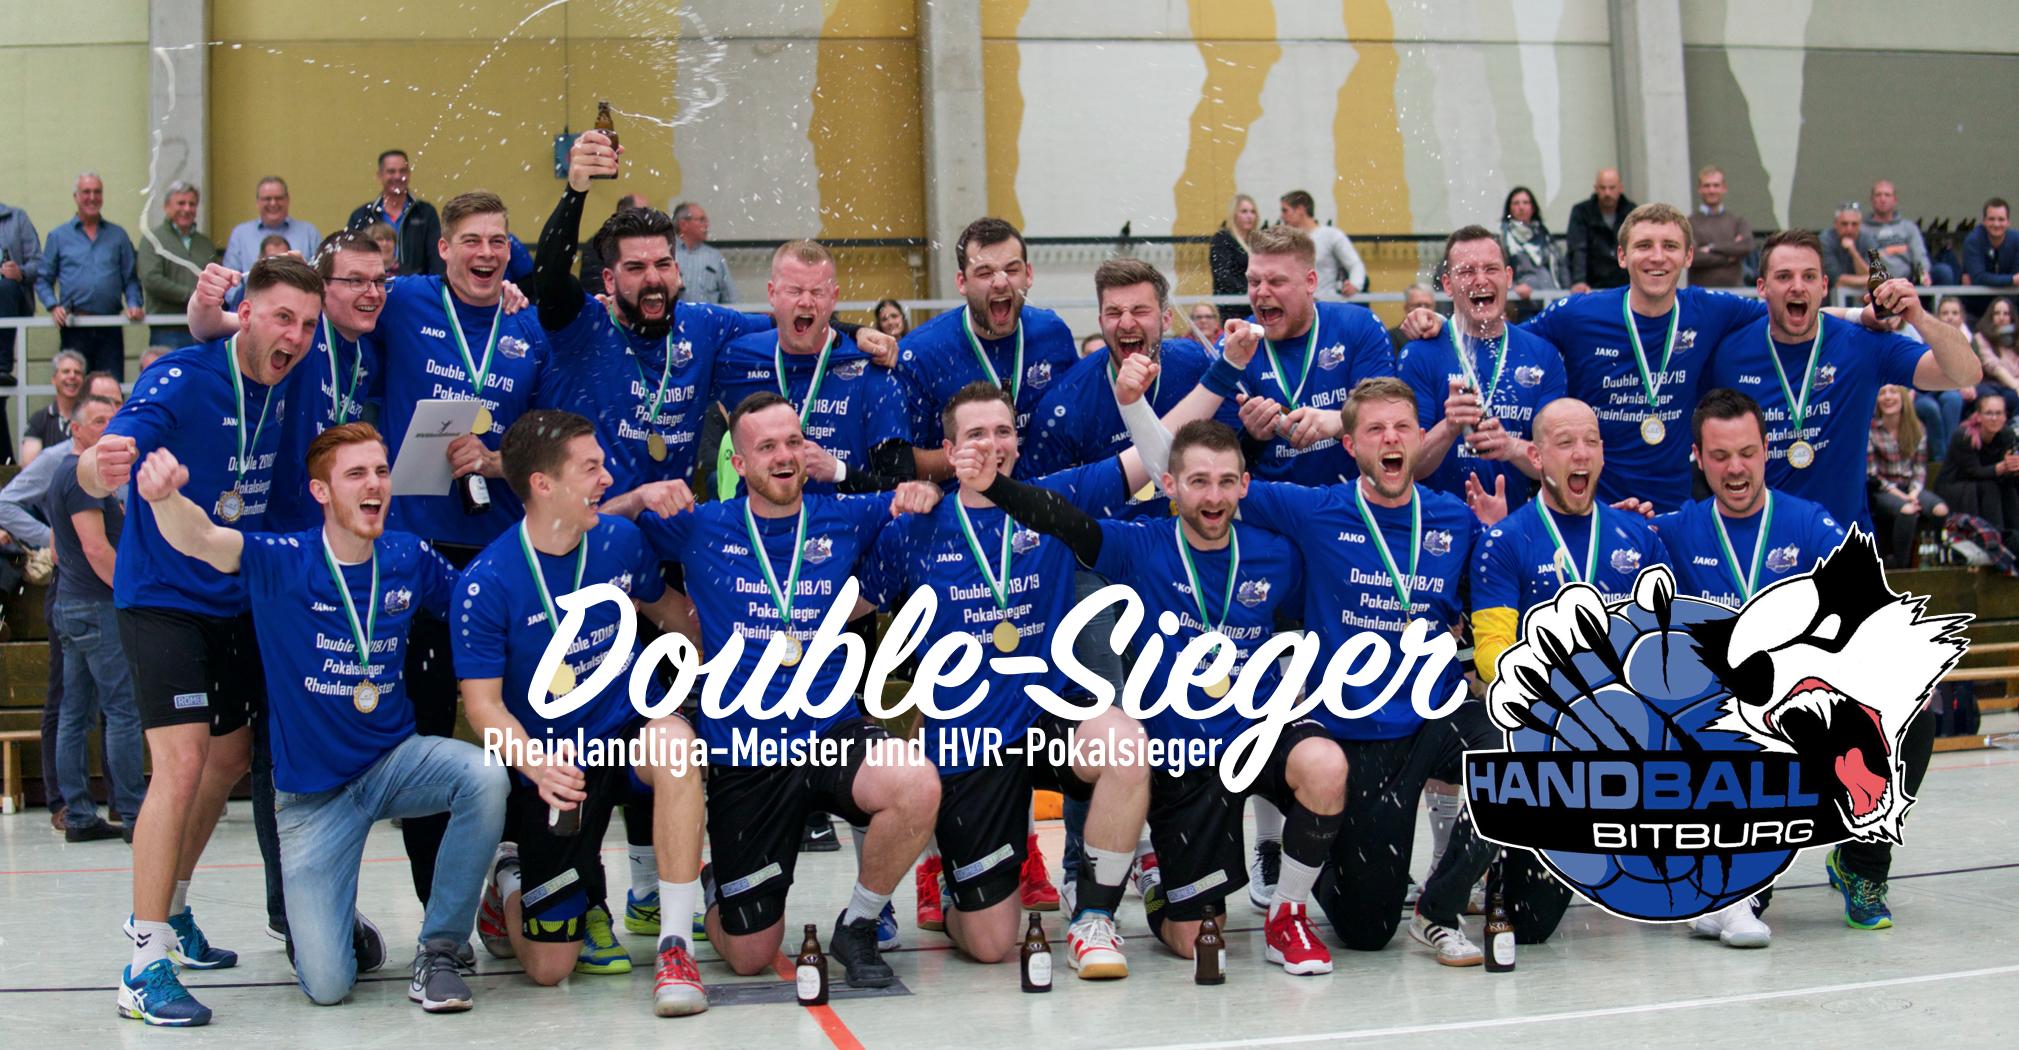 Die 1. Herren Mannschaft ist Rheinlandliga-Meister und Double-Sieger